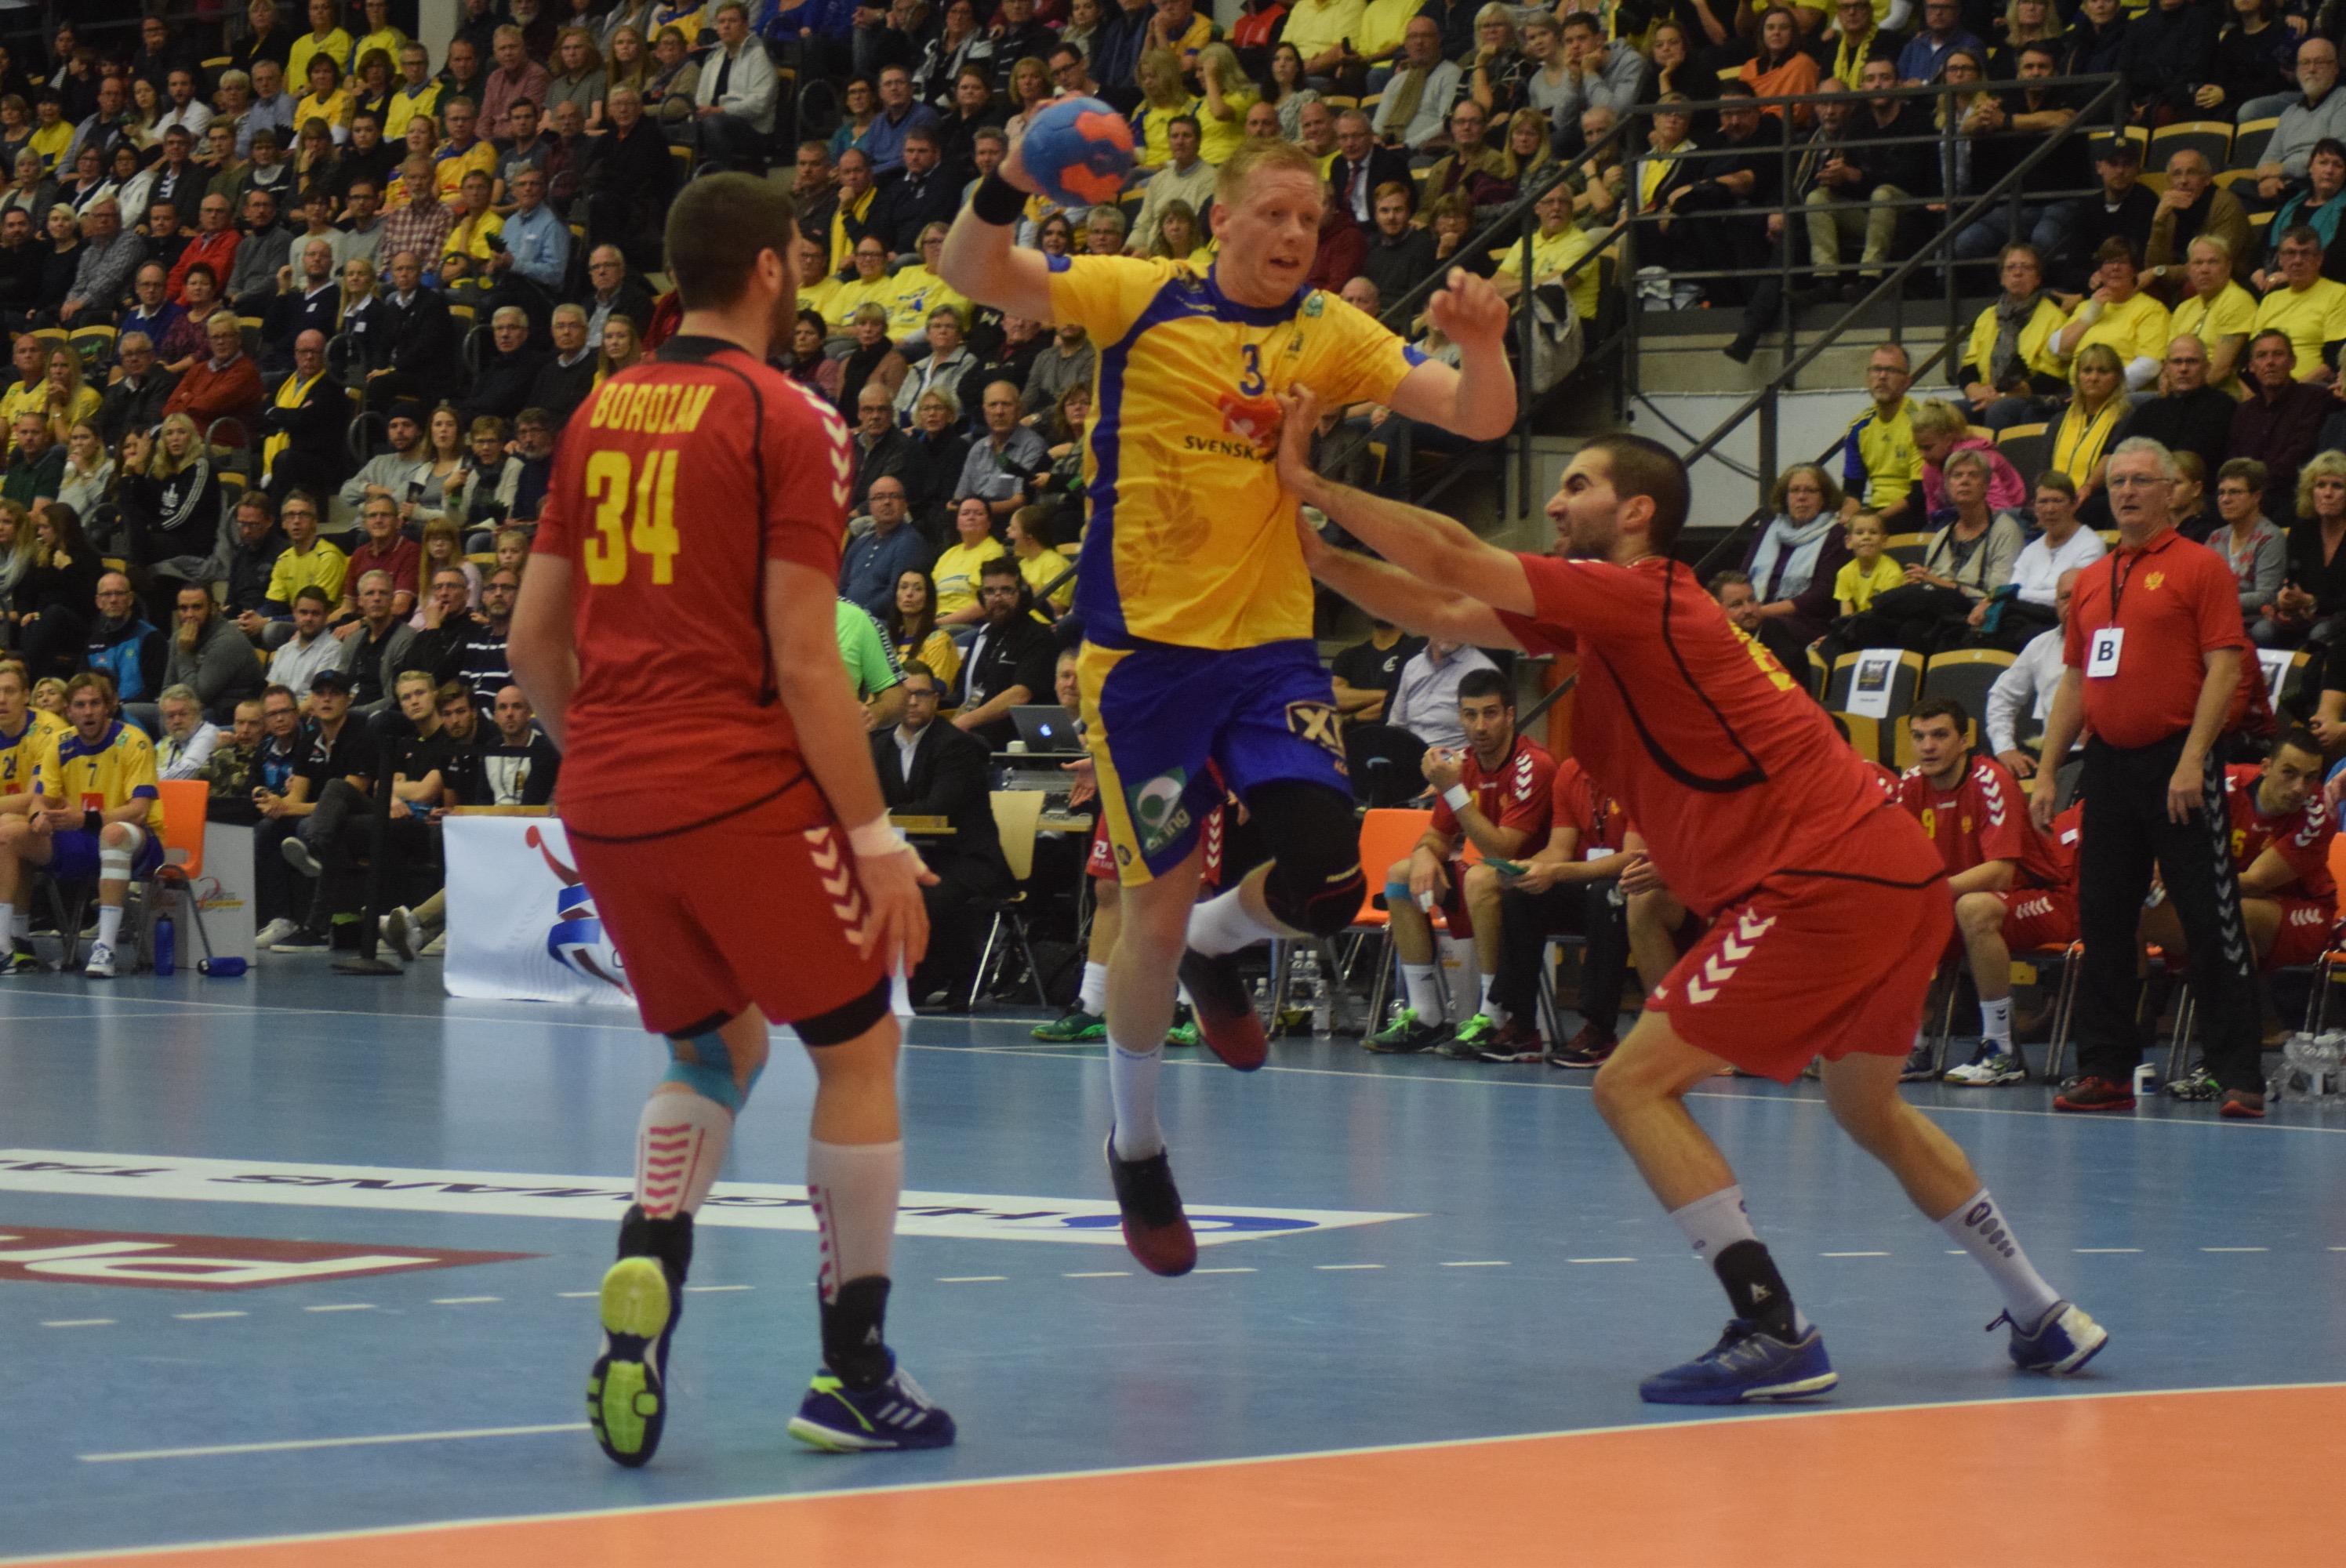 em-kval-handboll-sverige-montenegro-20161103-lund-foto-micke-dahl-lomi-media-dsc_0224